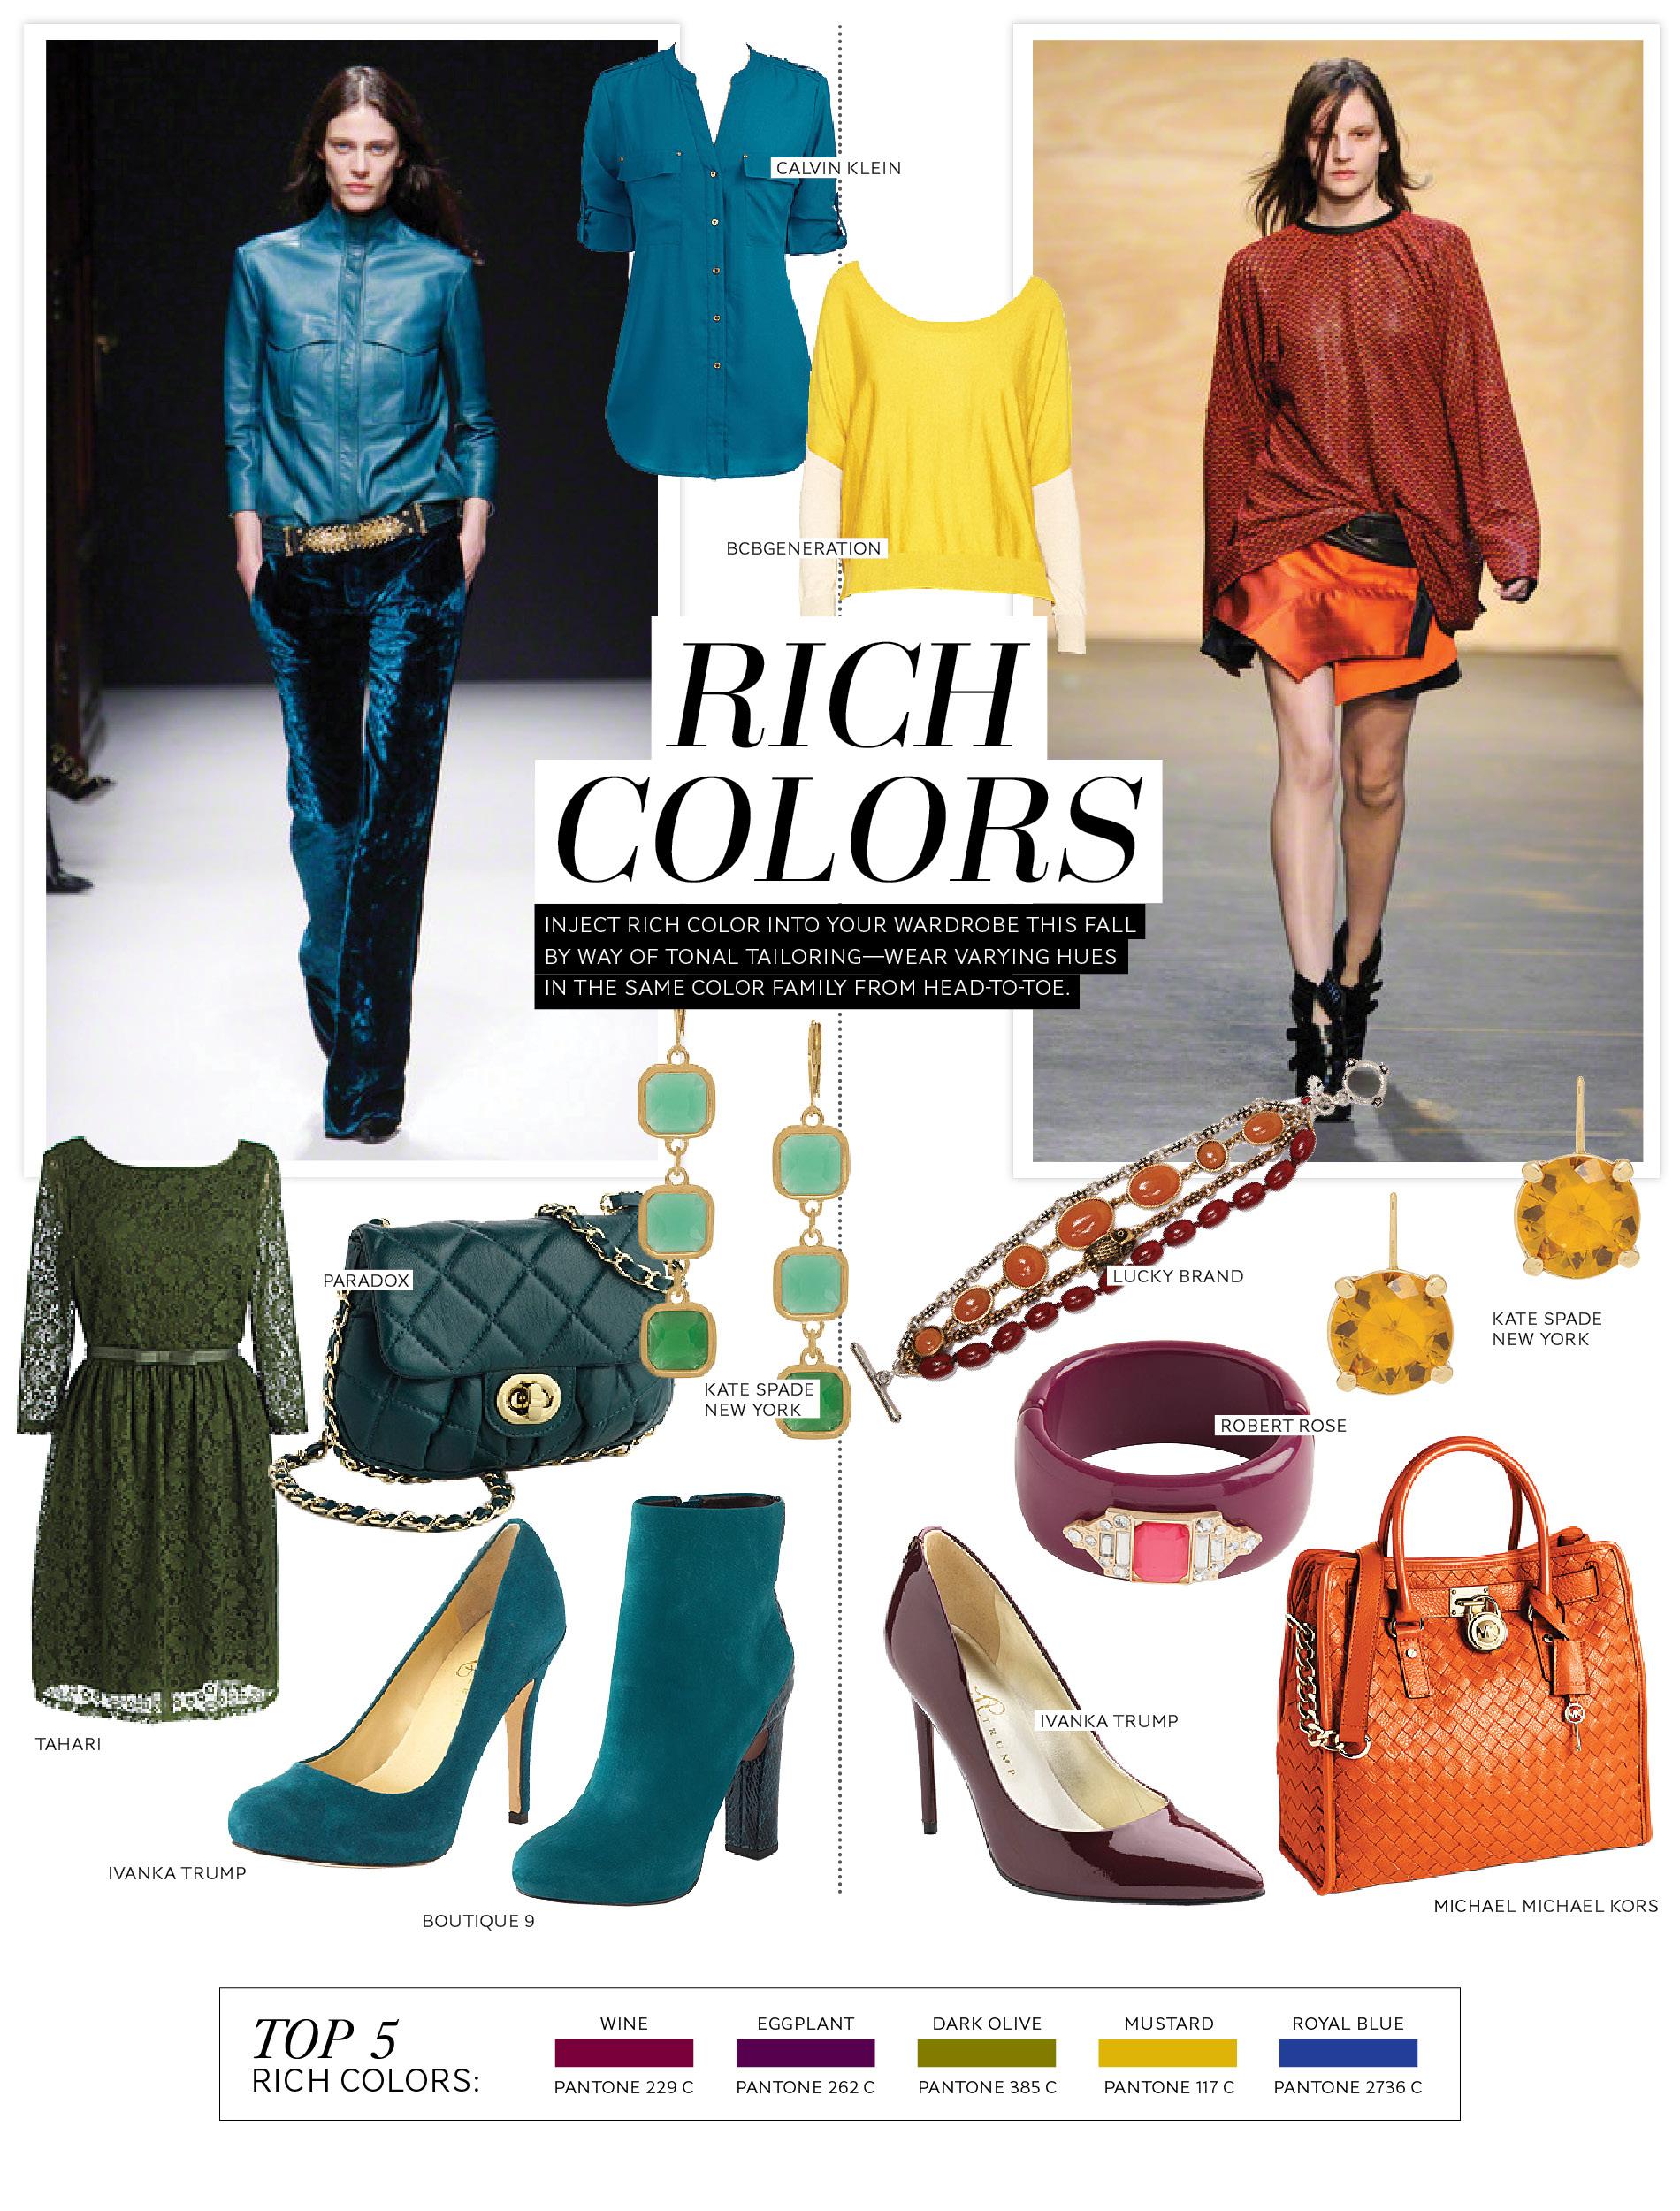 Rich Colors